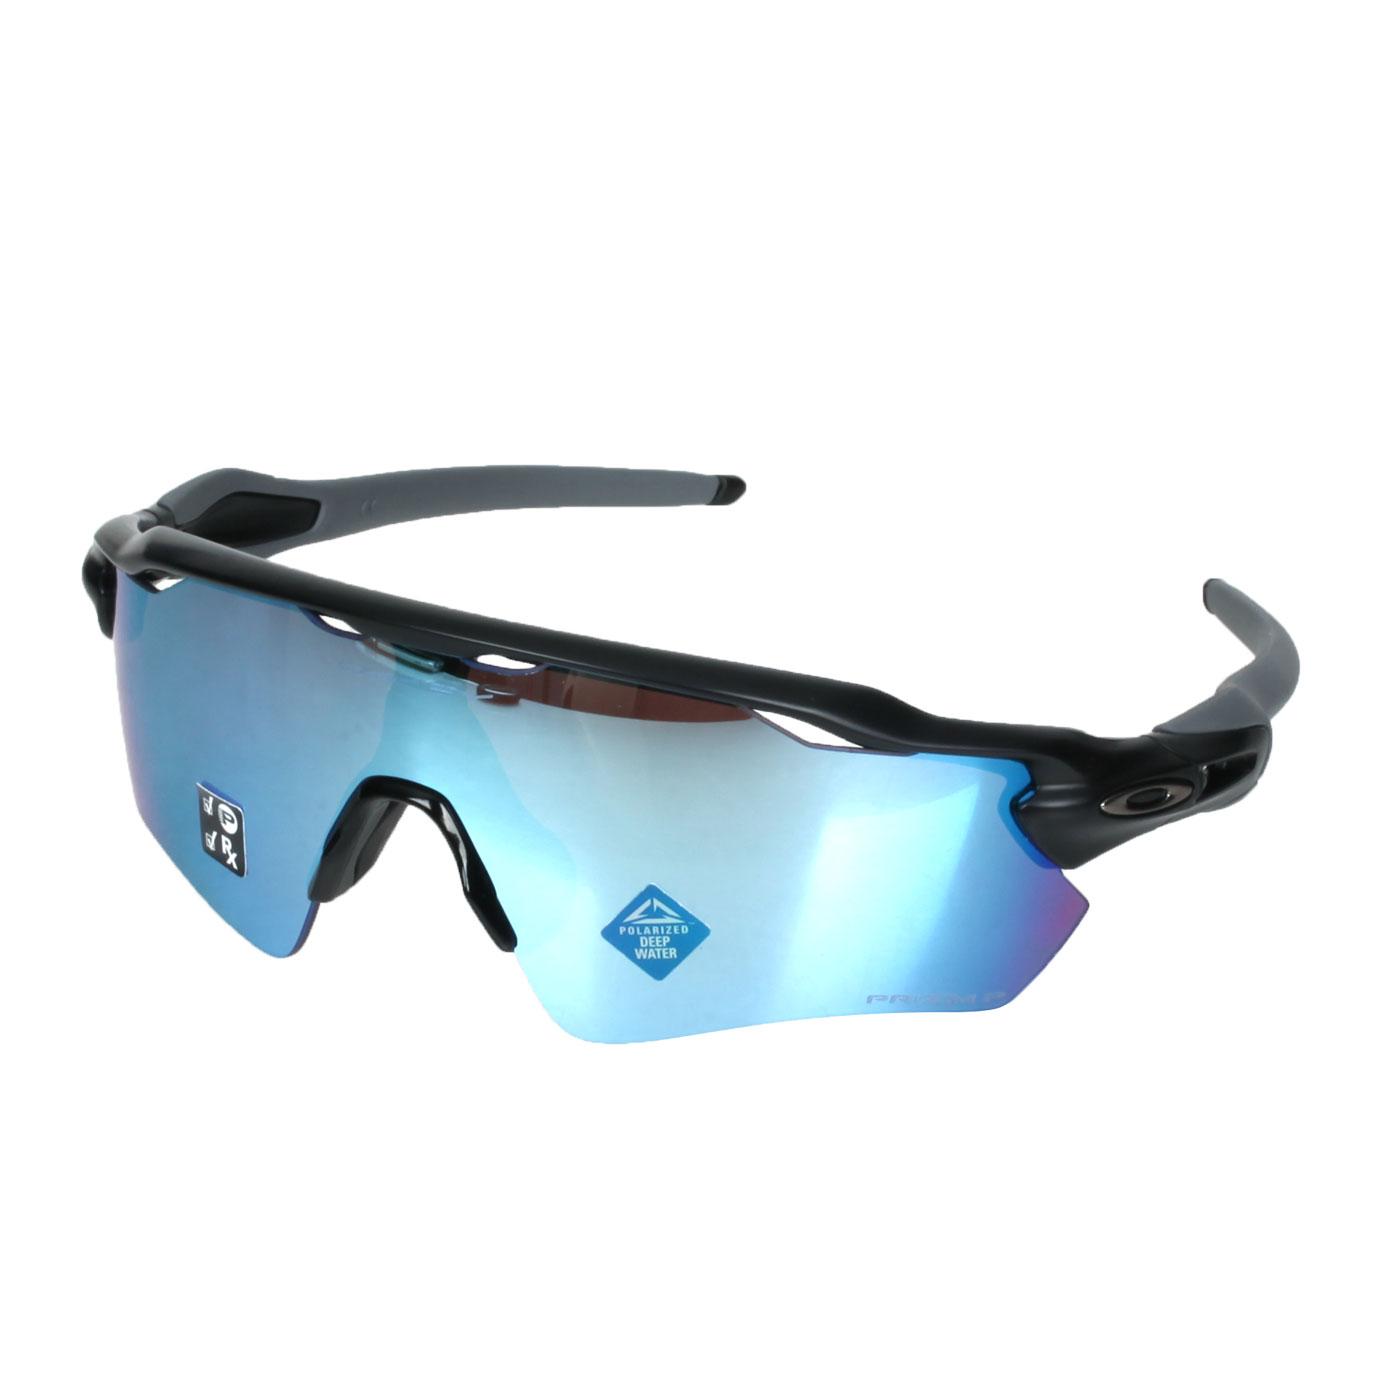 OAKLEY RADAR EV PATH 偏光太陽眼鏡(附硬盒鼻墊) OAK-OO9208-5538 - 黑灰藍